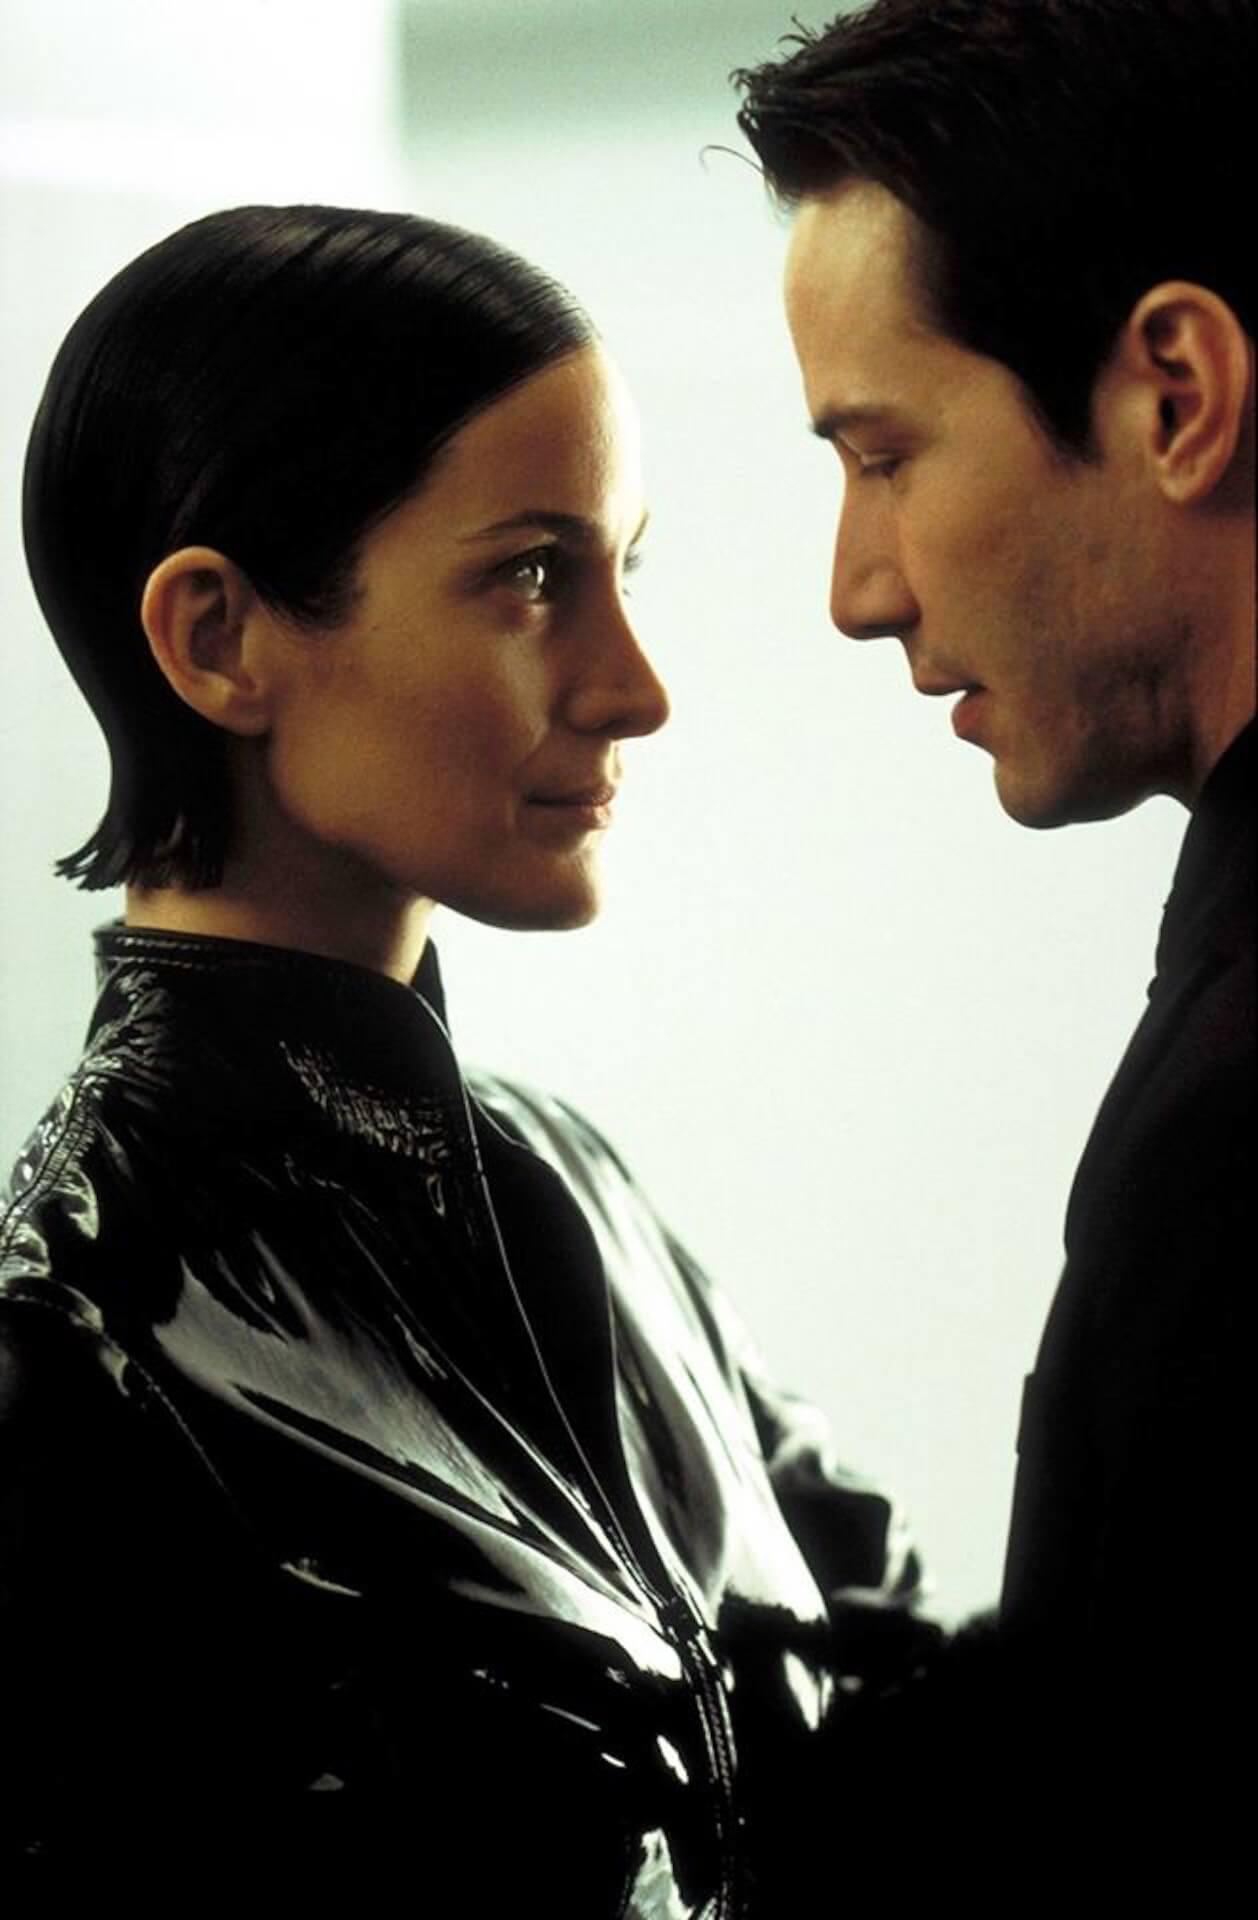 ついにネオとトリニティが再会!キアヌ・リーブス主演『マトリックス4』の撮影風景がリーク film200217_thematrix4_1